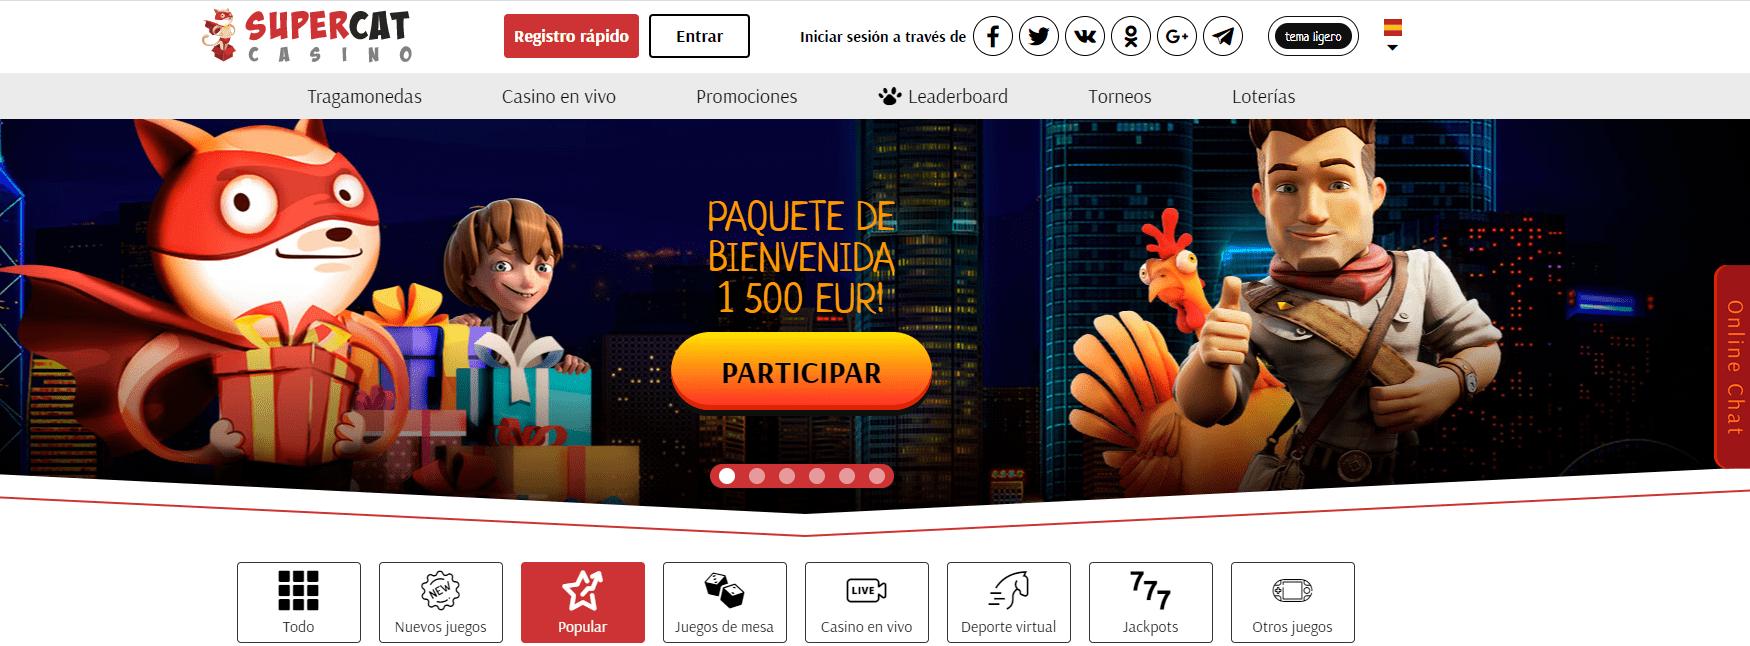 SuperCat Casino Bono de bienvenida